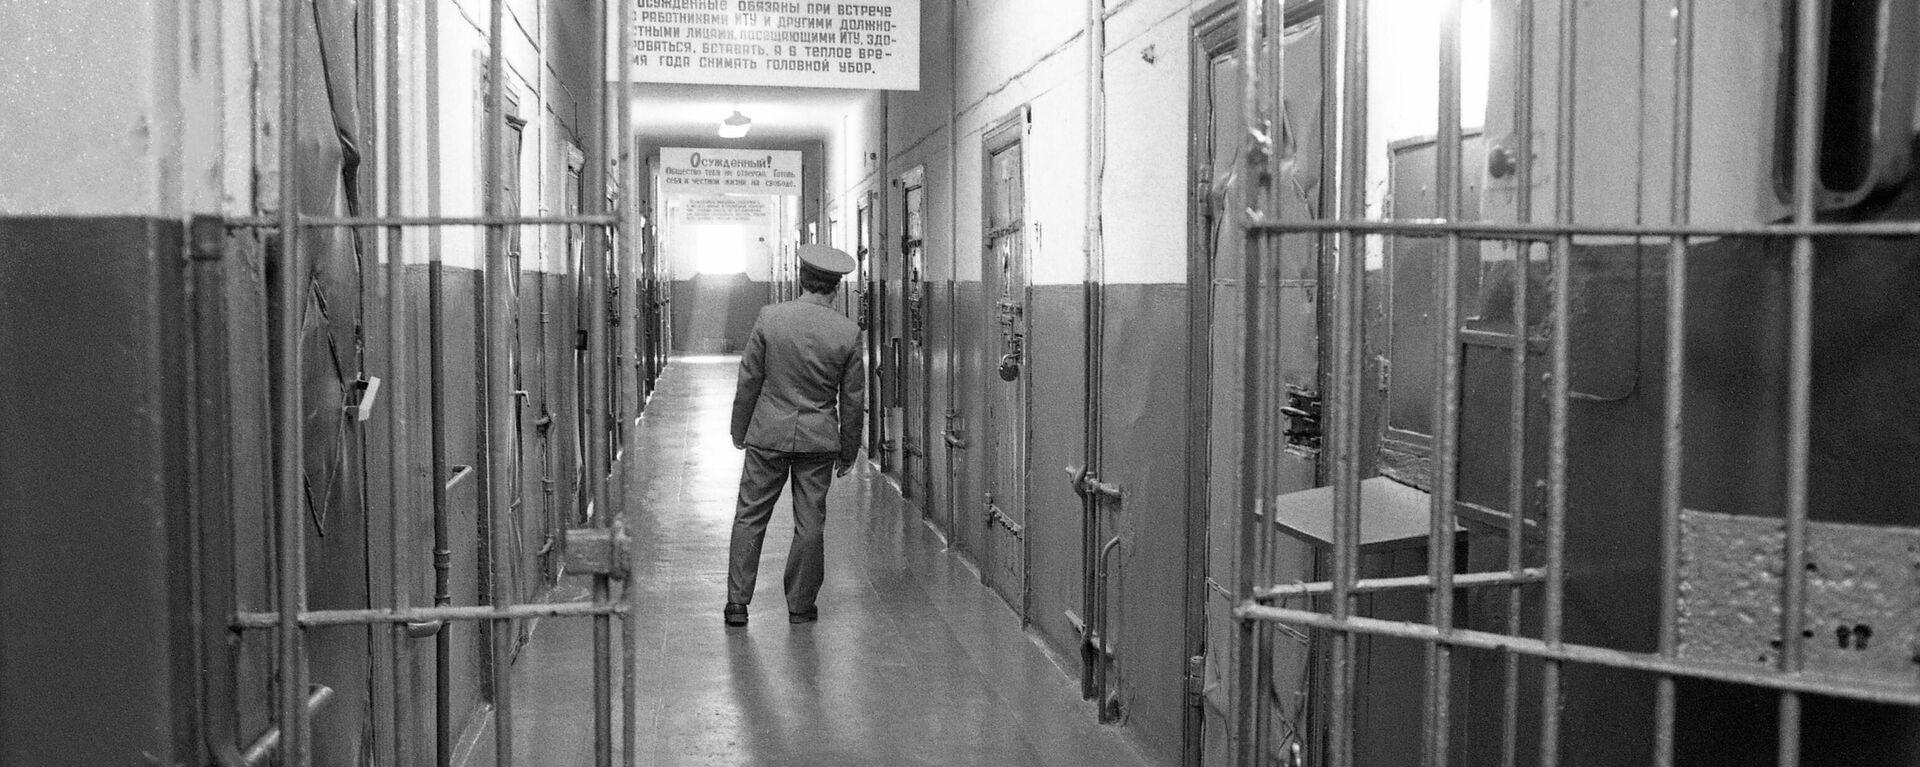 Φυλακή - Sputnik Ελλάδα, 1920, 27.09.2021